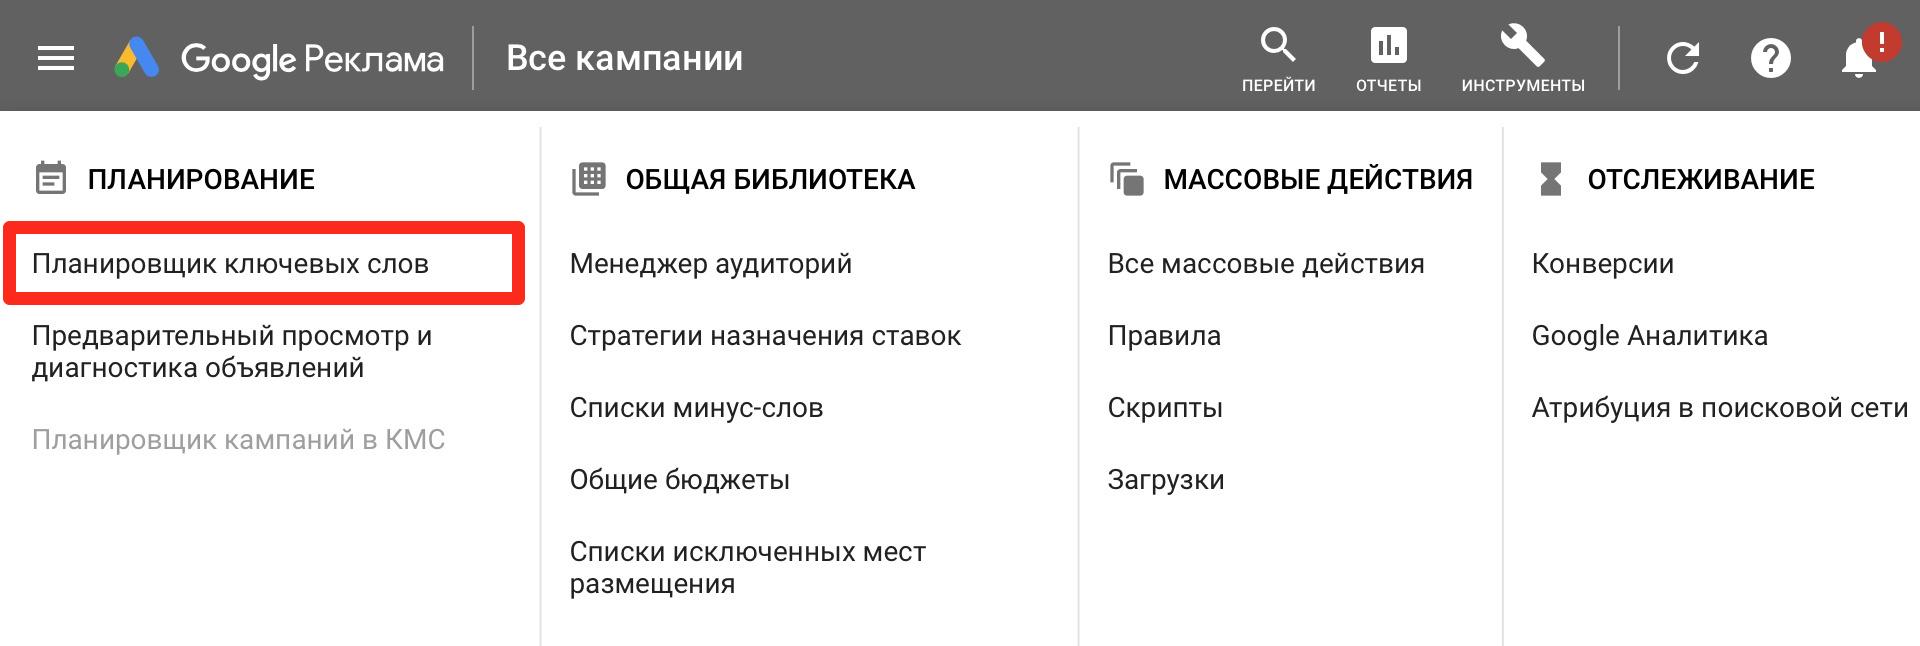 instrument-planirovshchik-klyuchevykh-slov-google-adwords.jpg